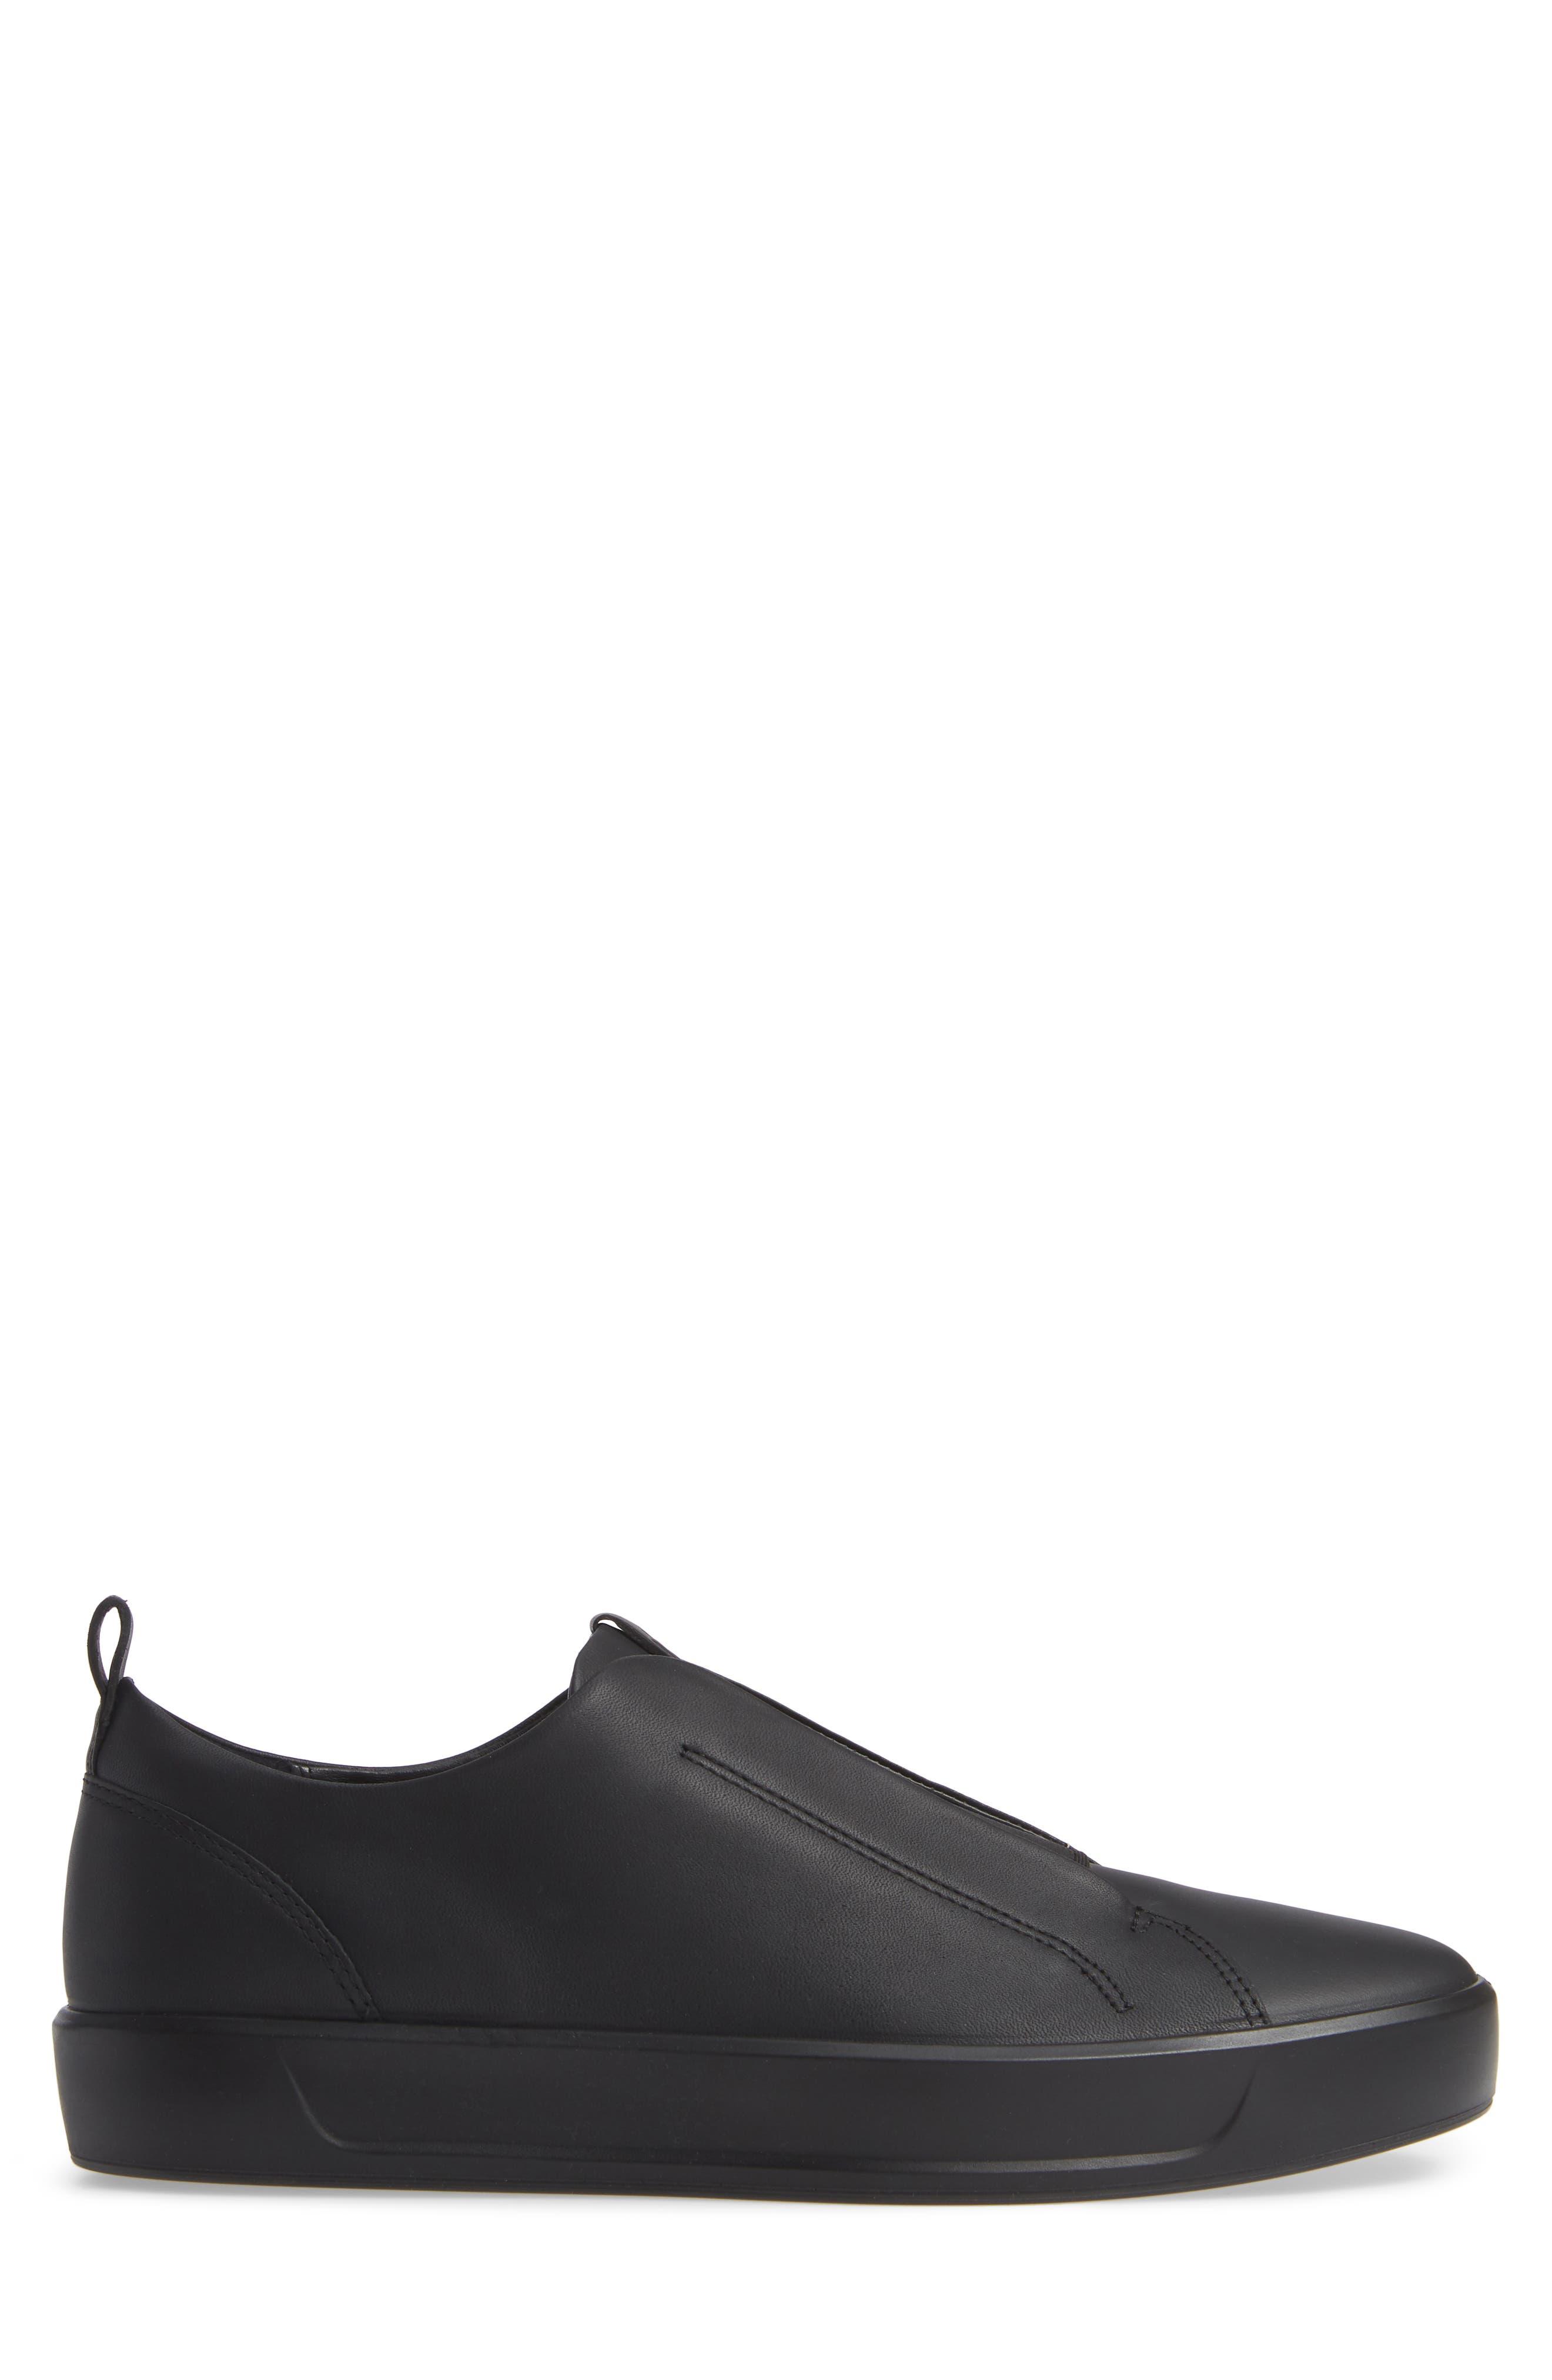 Soft 8 Slip-On Sneaker,                             Alternate thumbnail 3, color,                             BLACK/ BLACK LEATHER